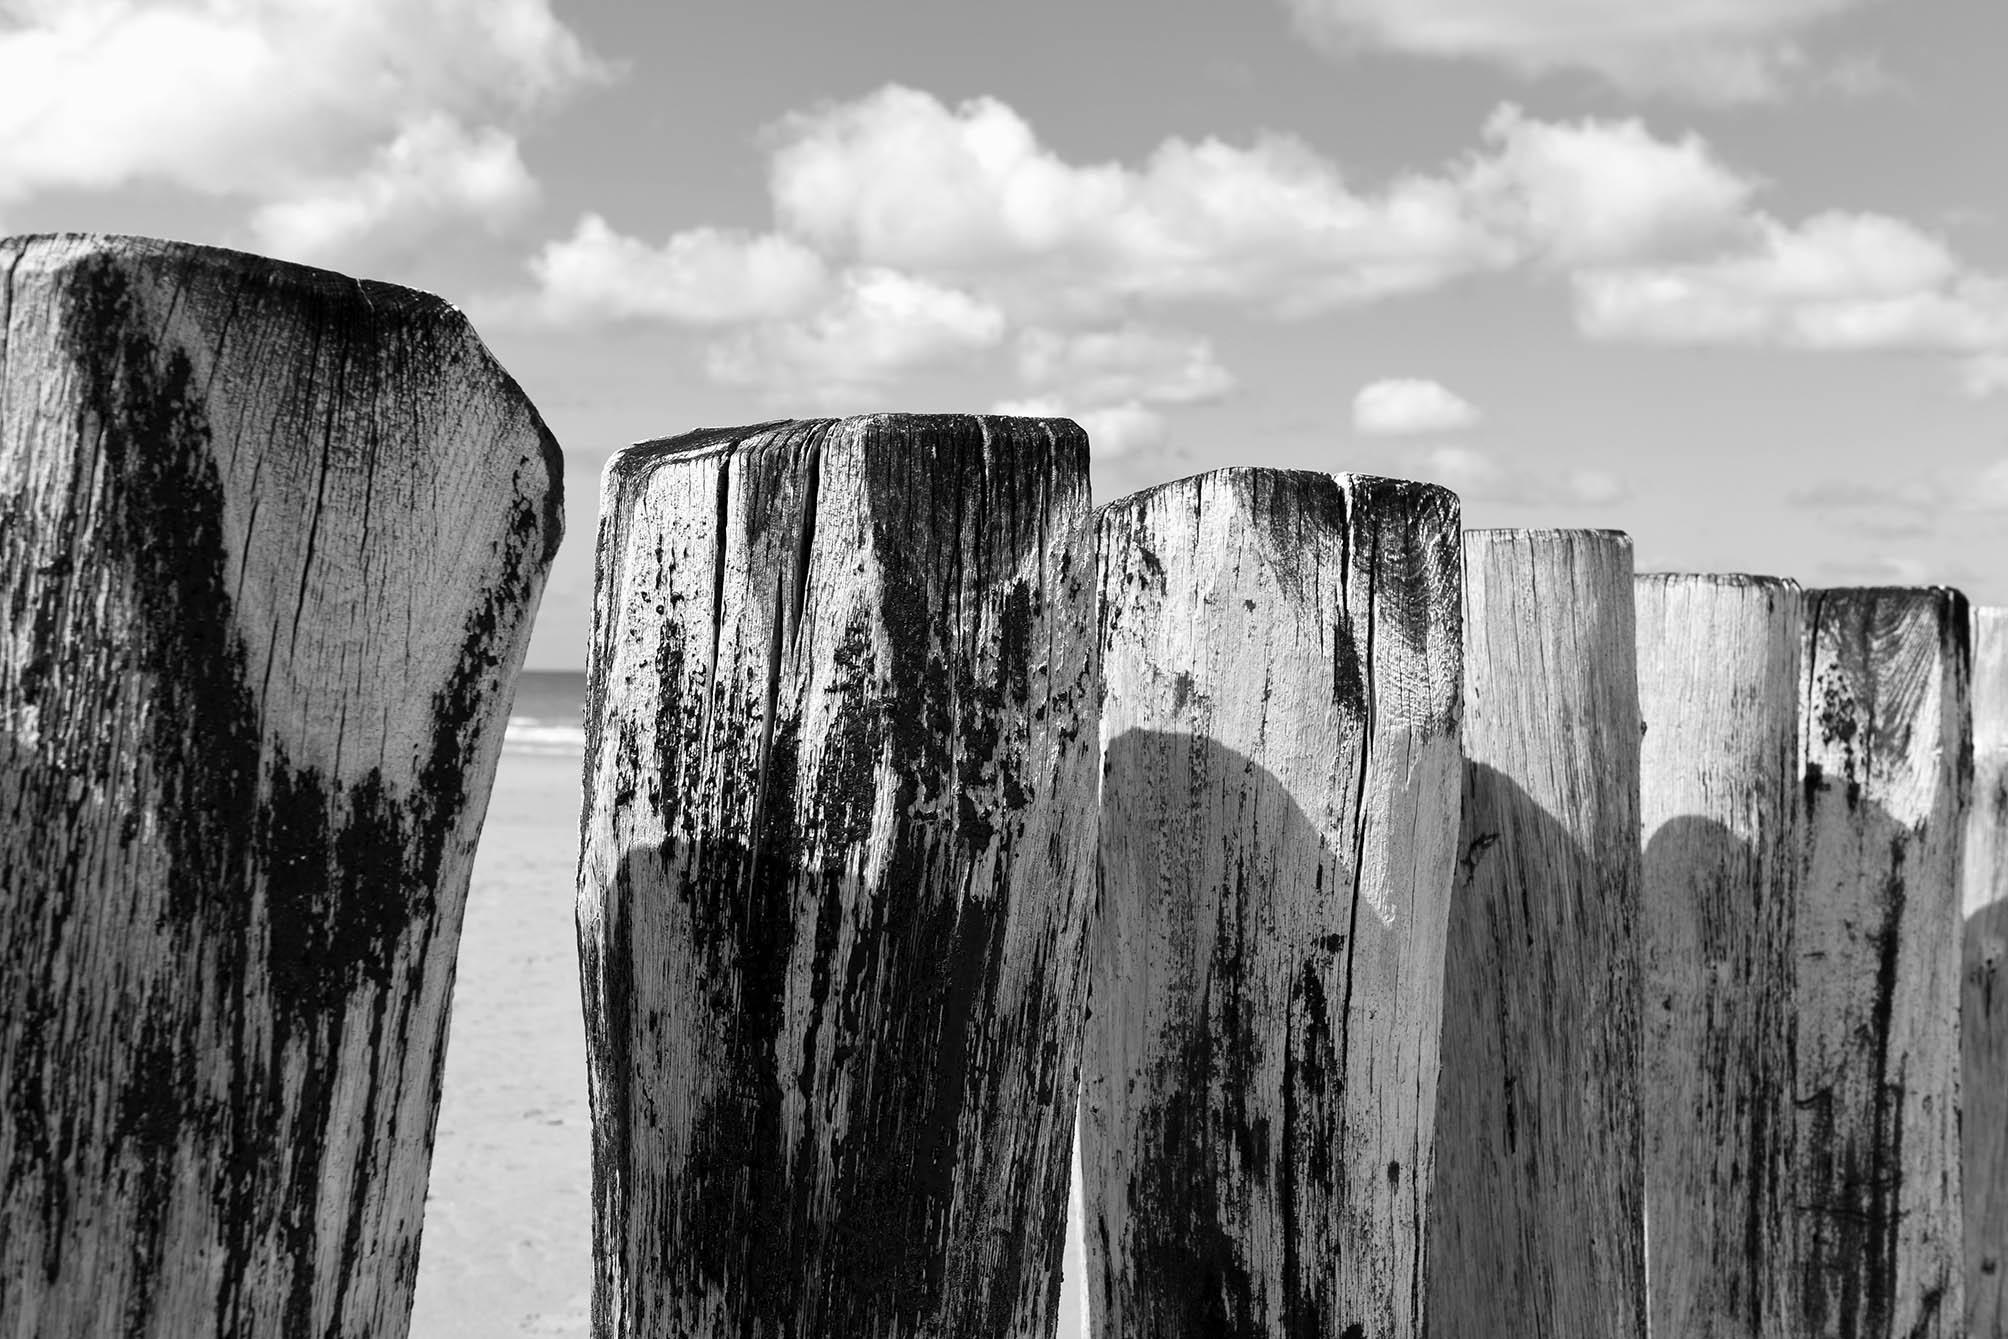 Großaufnahme der verwaschenen Holz-Buhnen am Meer in Schwarz-Weiß